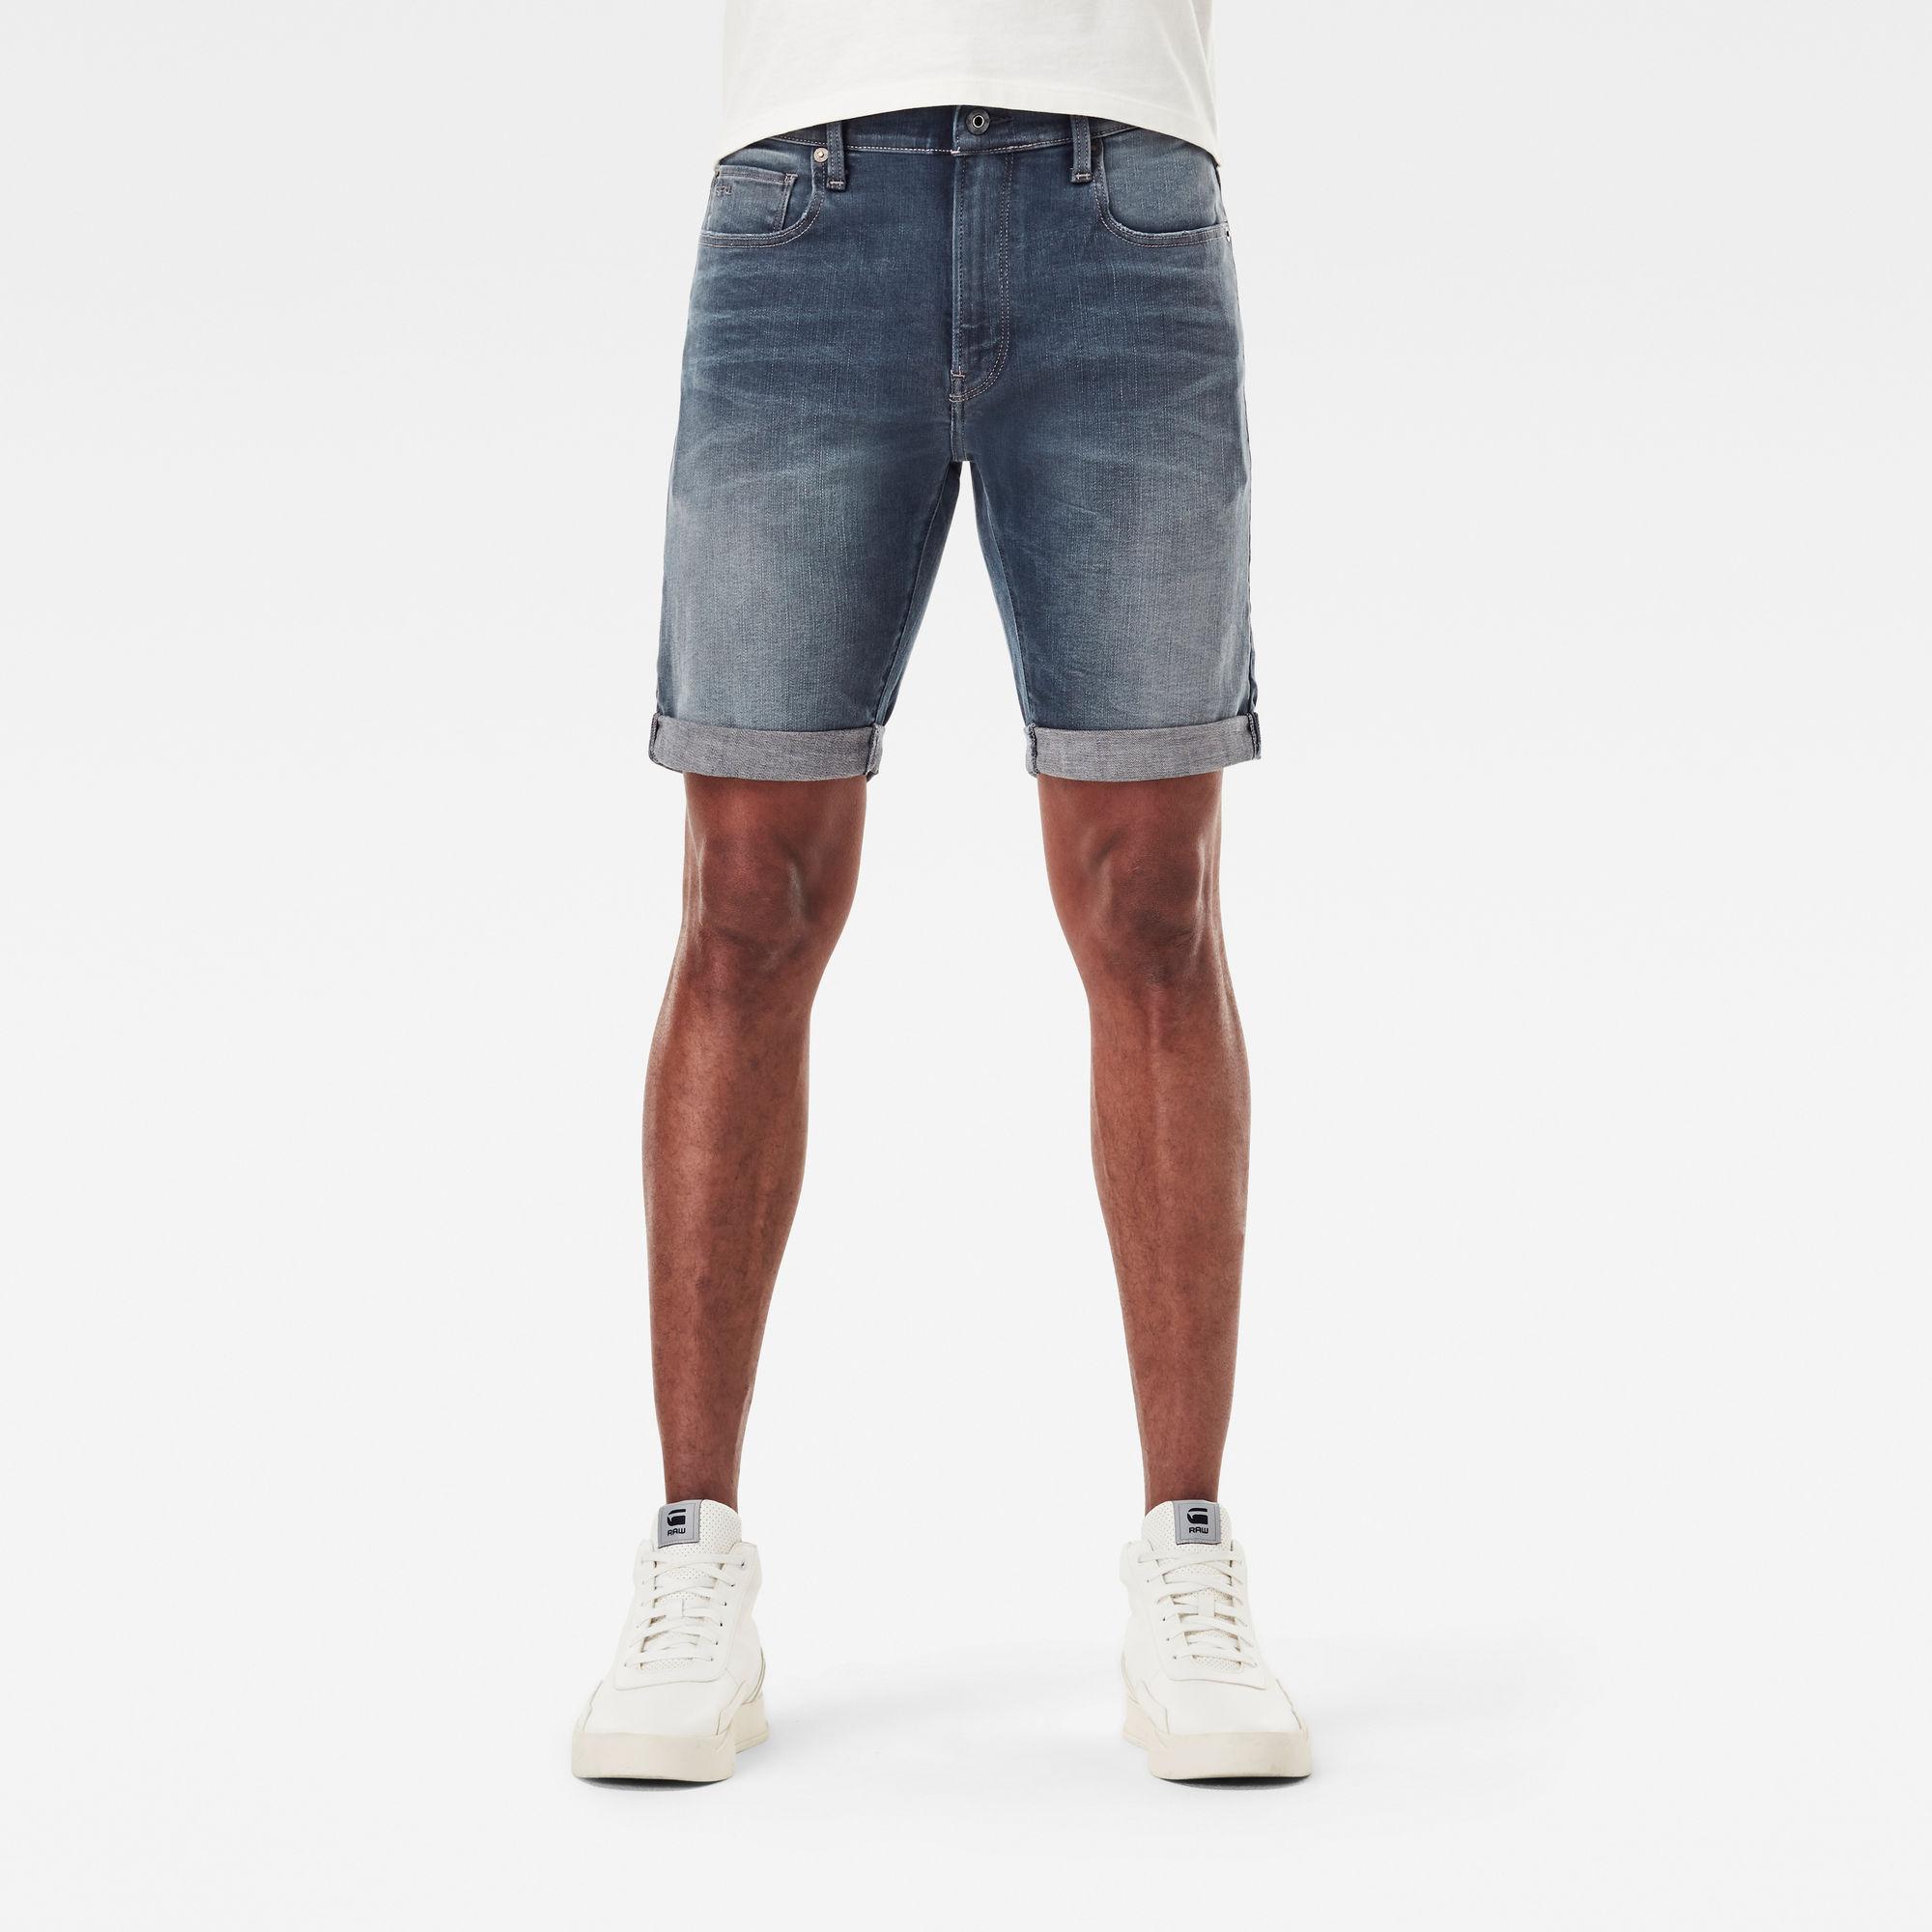 G-Star RAW Heren 3301 Slim Short Donkerblauw